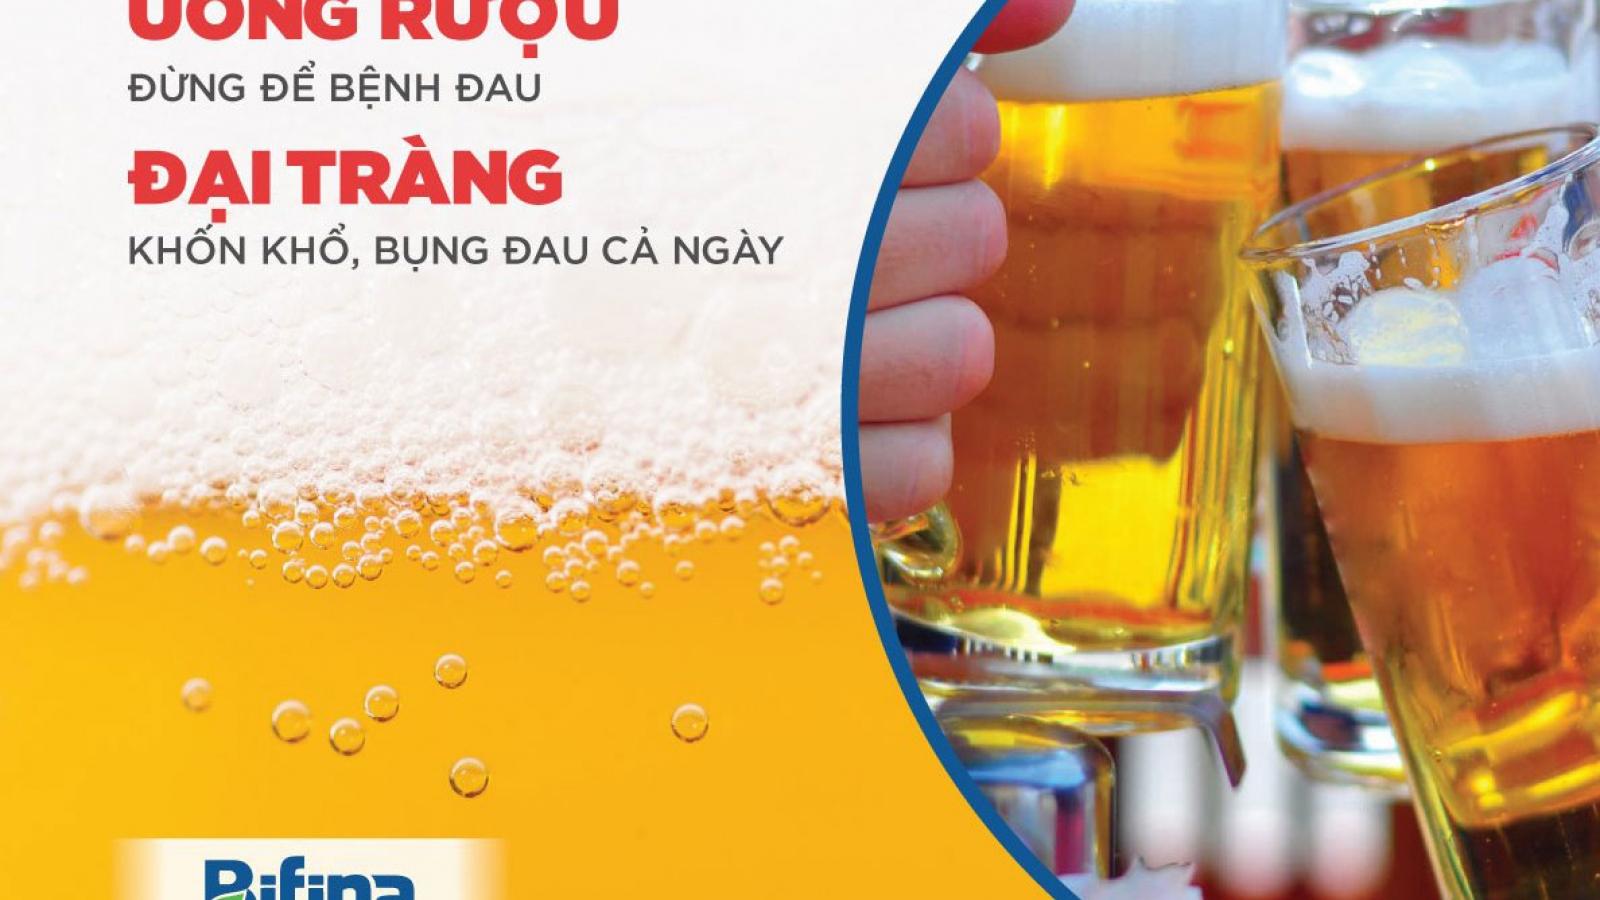 """Đau bụng, đi ngoài sau uống rượu bia - Cách """"giải quyết"""" hiệu quả của người Nhật"""